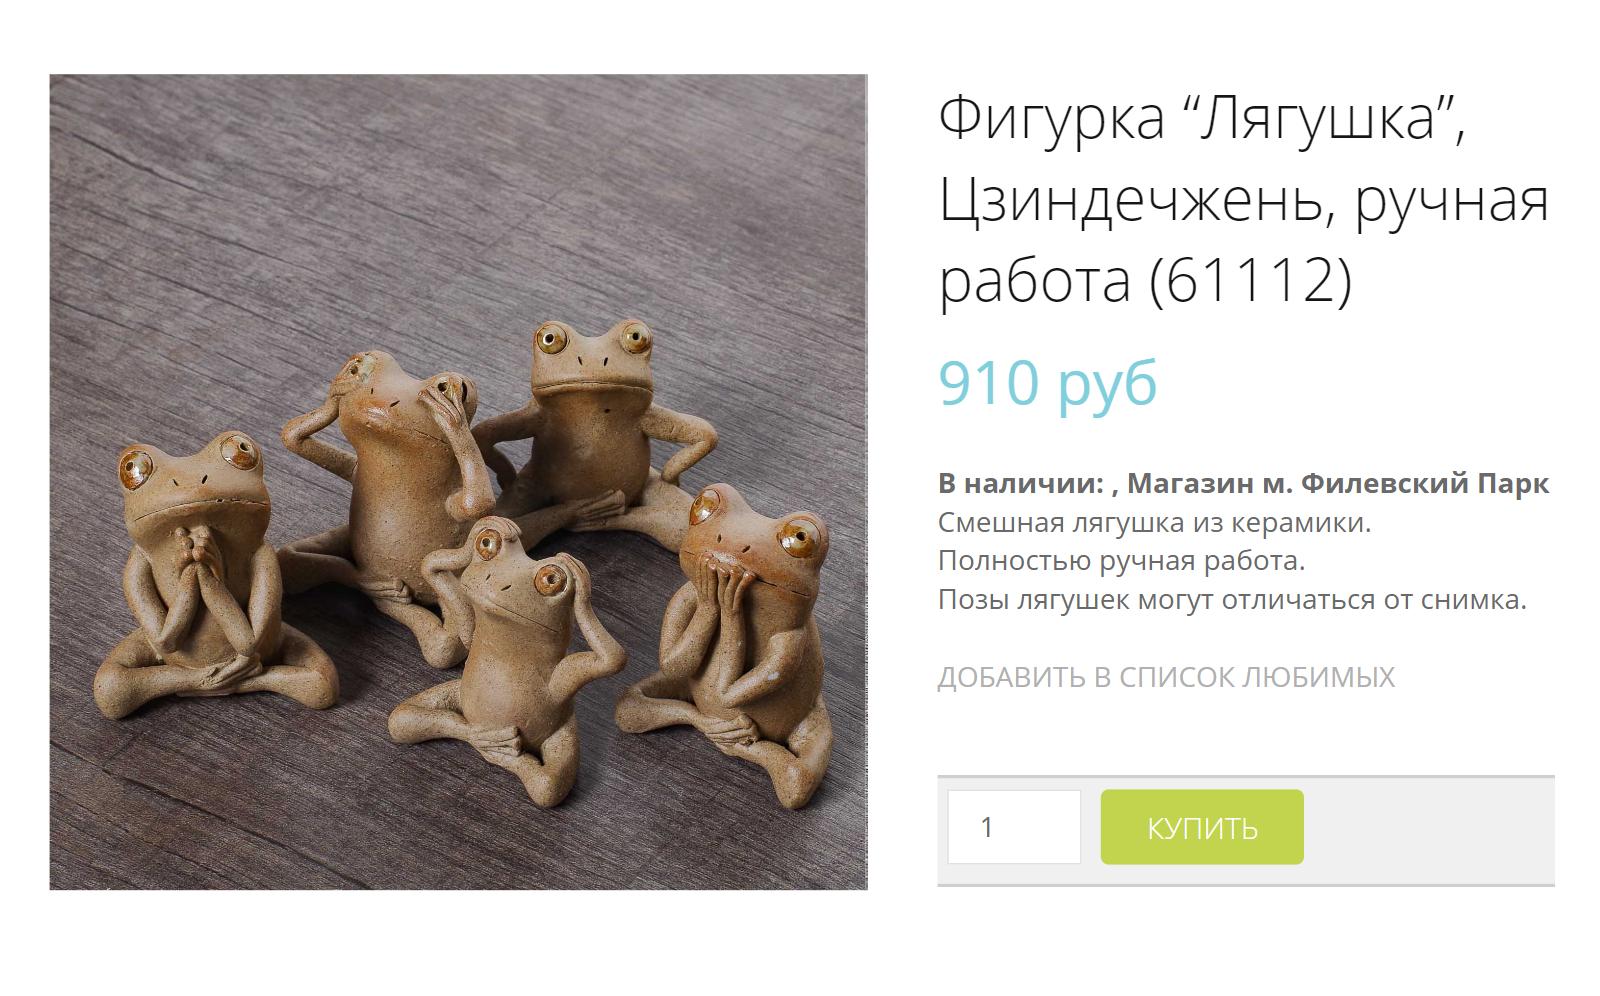 Фигурки дляцеремонии часто продаются комплектами. Источник: daochai.ru